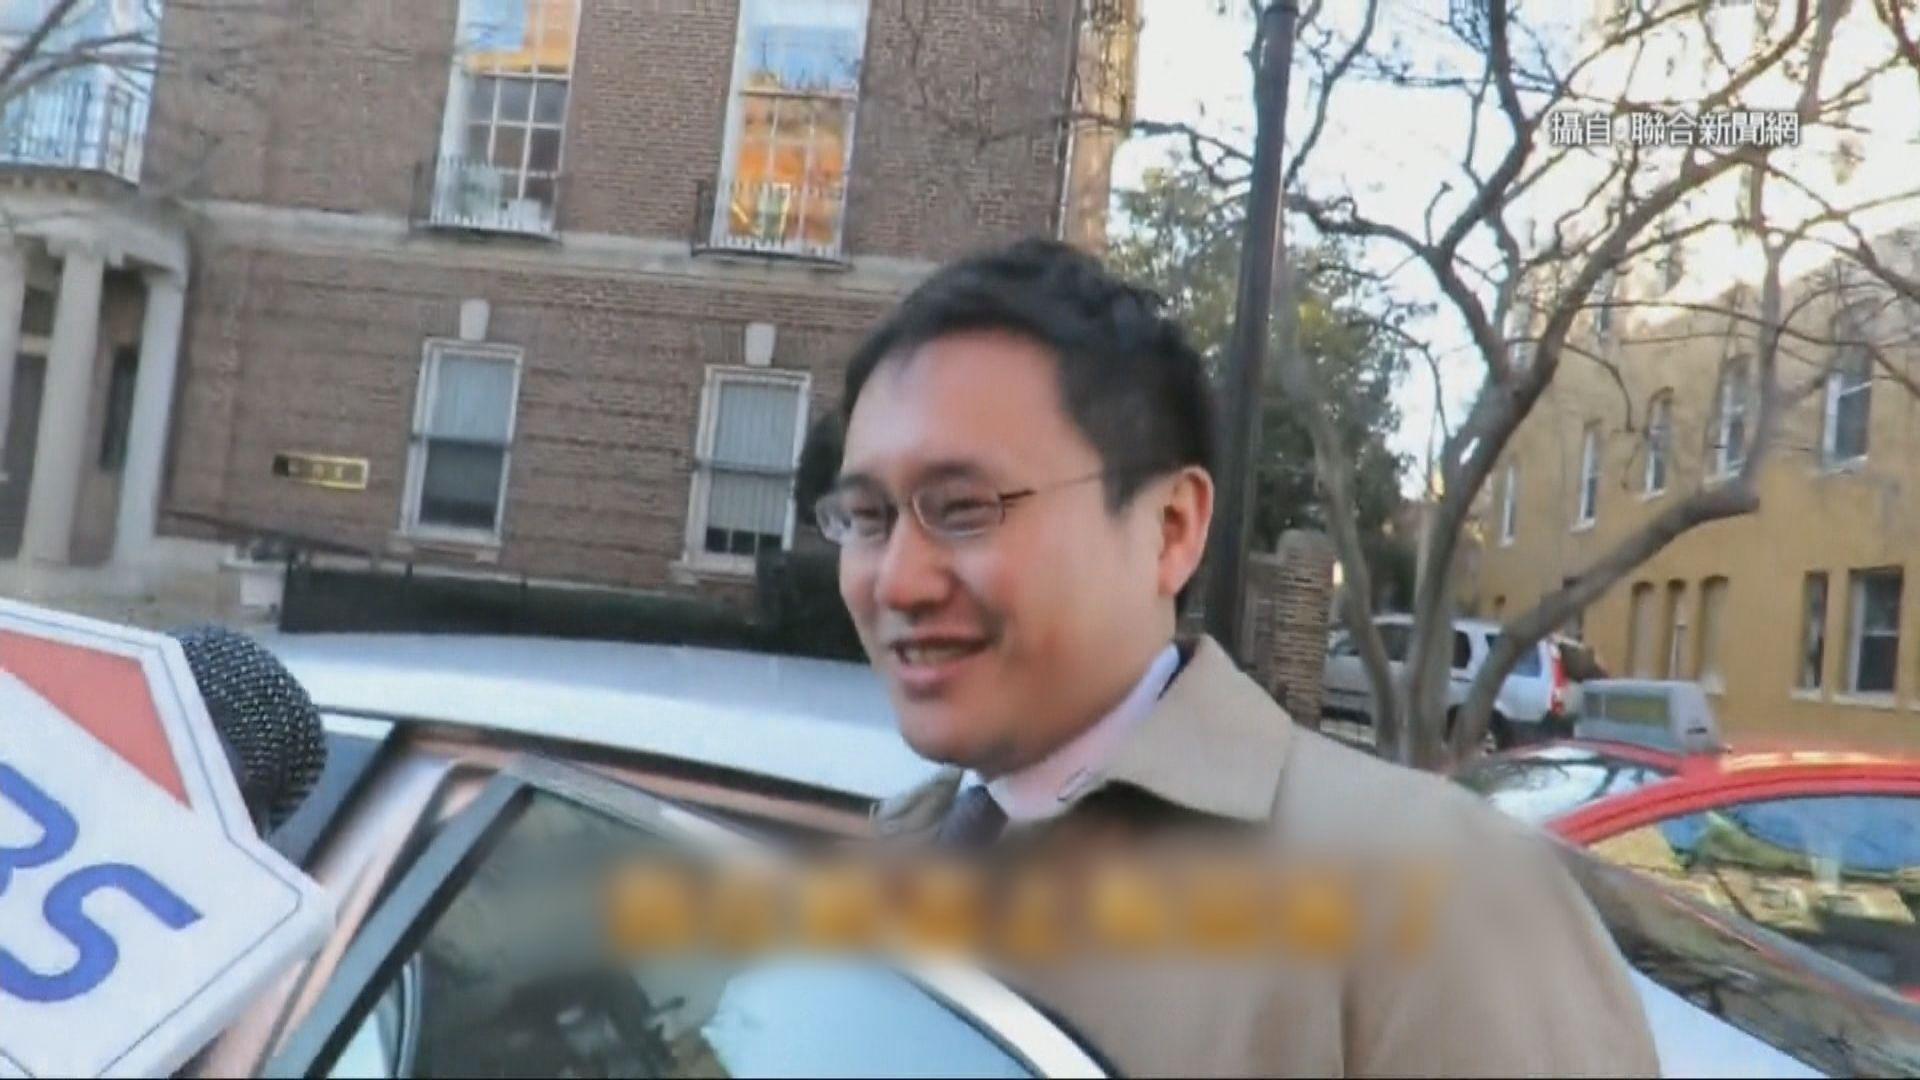 台駐美政治組長欠經驗惹爭議